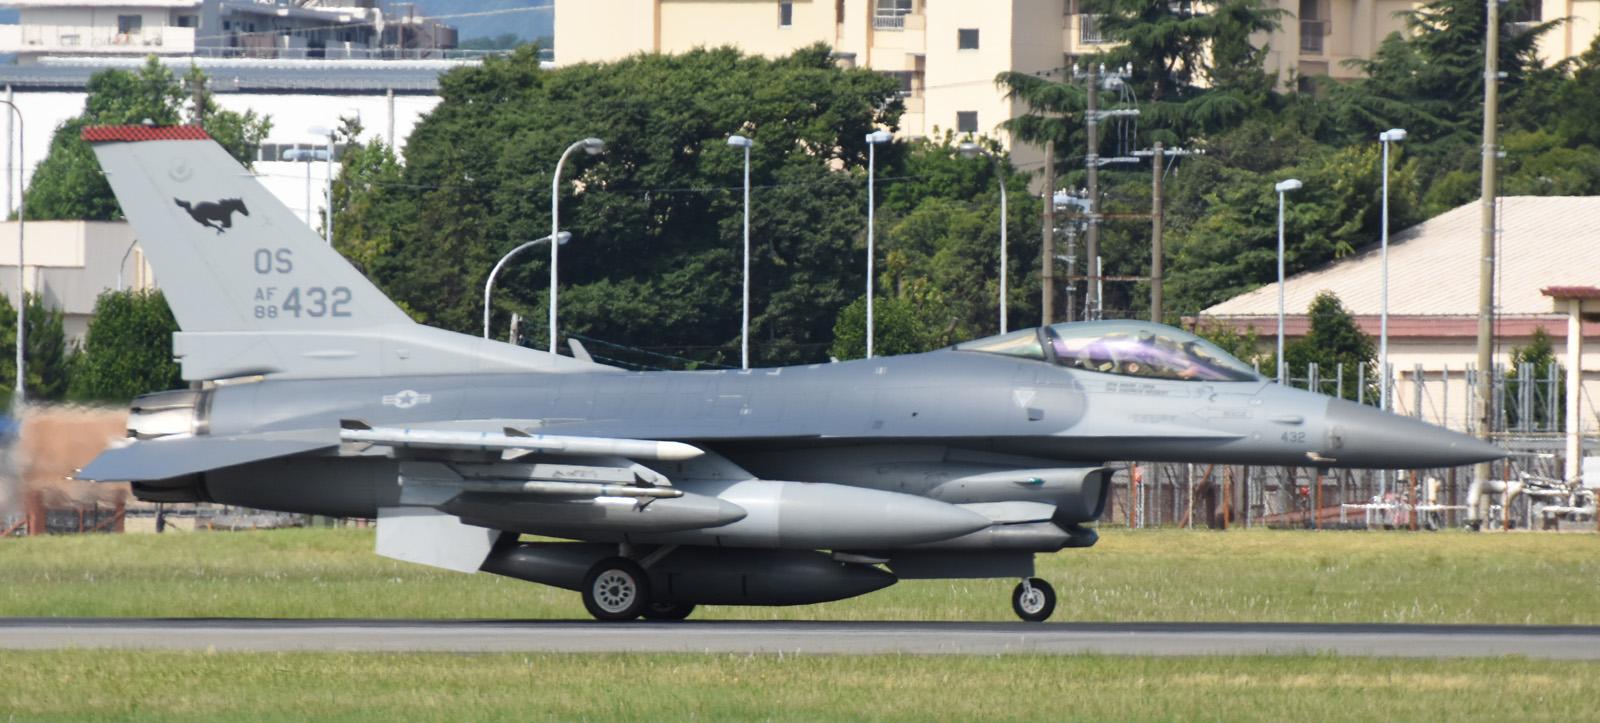 F16cm170604g450